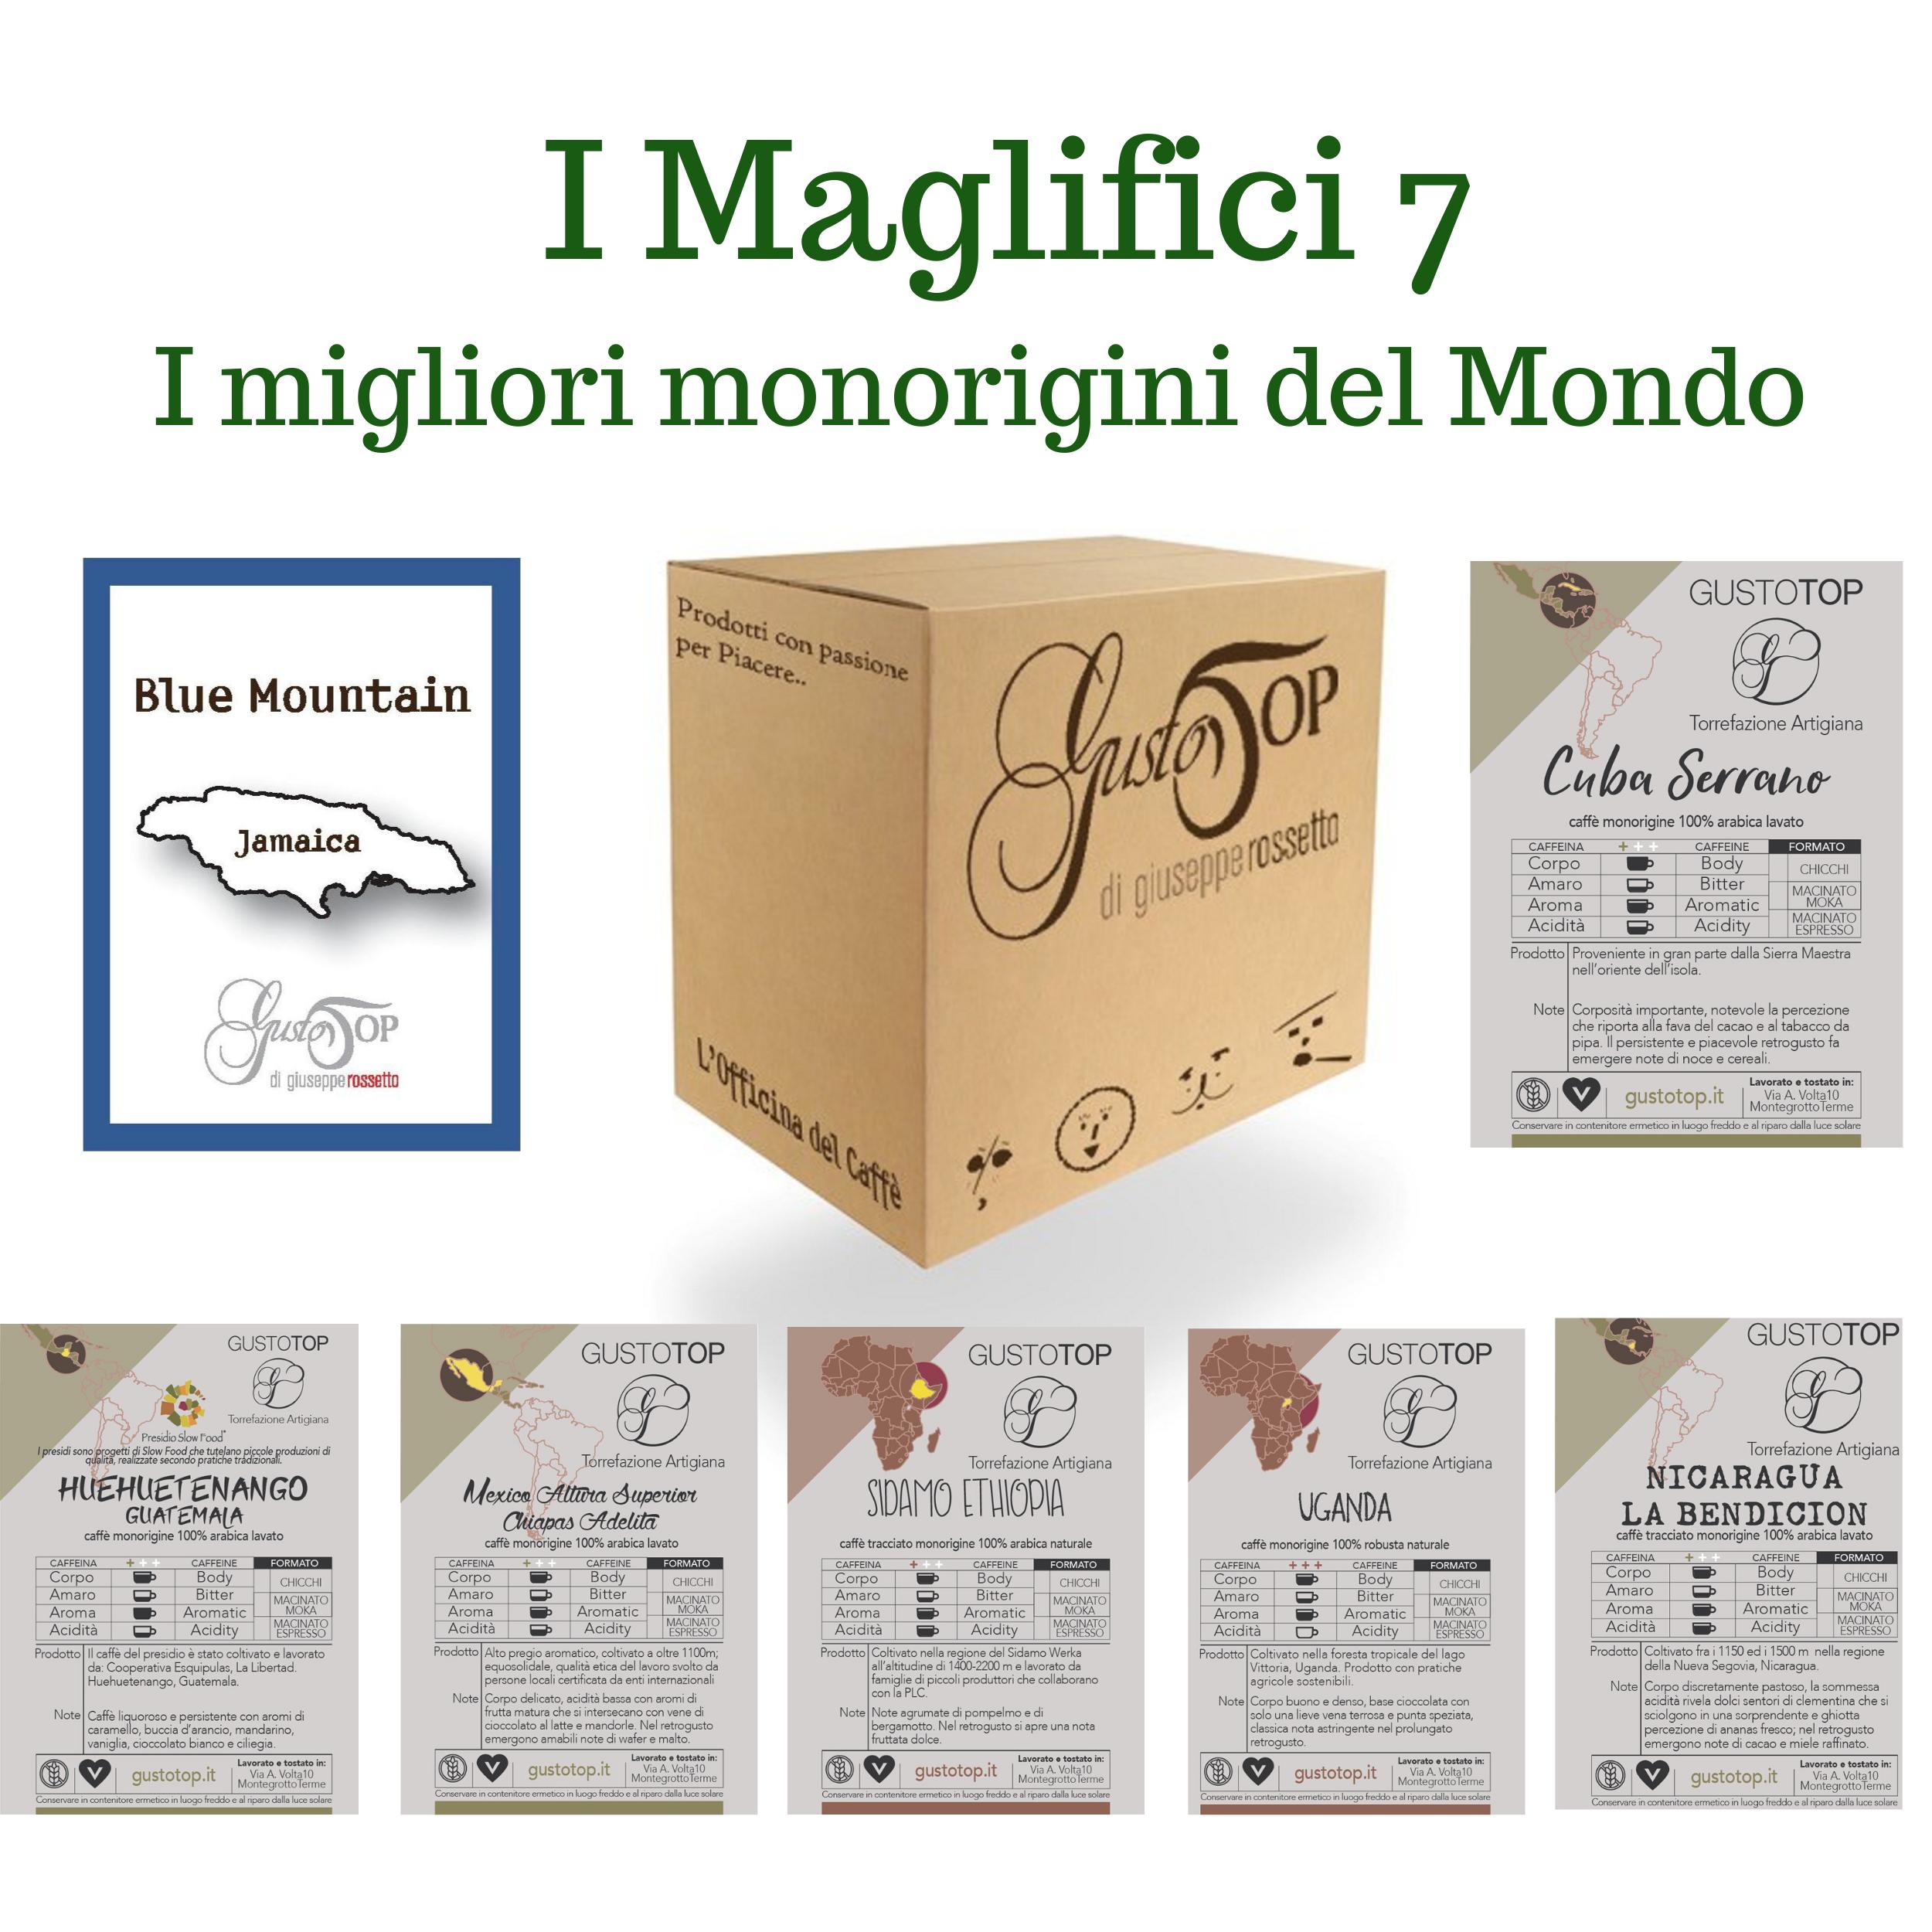 I MAGNIFICI 7, I 7 MONORIGINI TRA I MIGLIORI DEL MONDO, N. 49 CAFFÈ IN CIALDE.